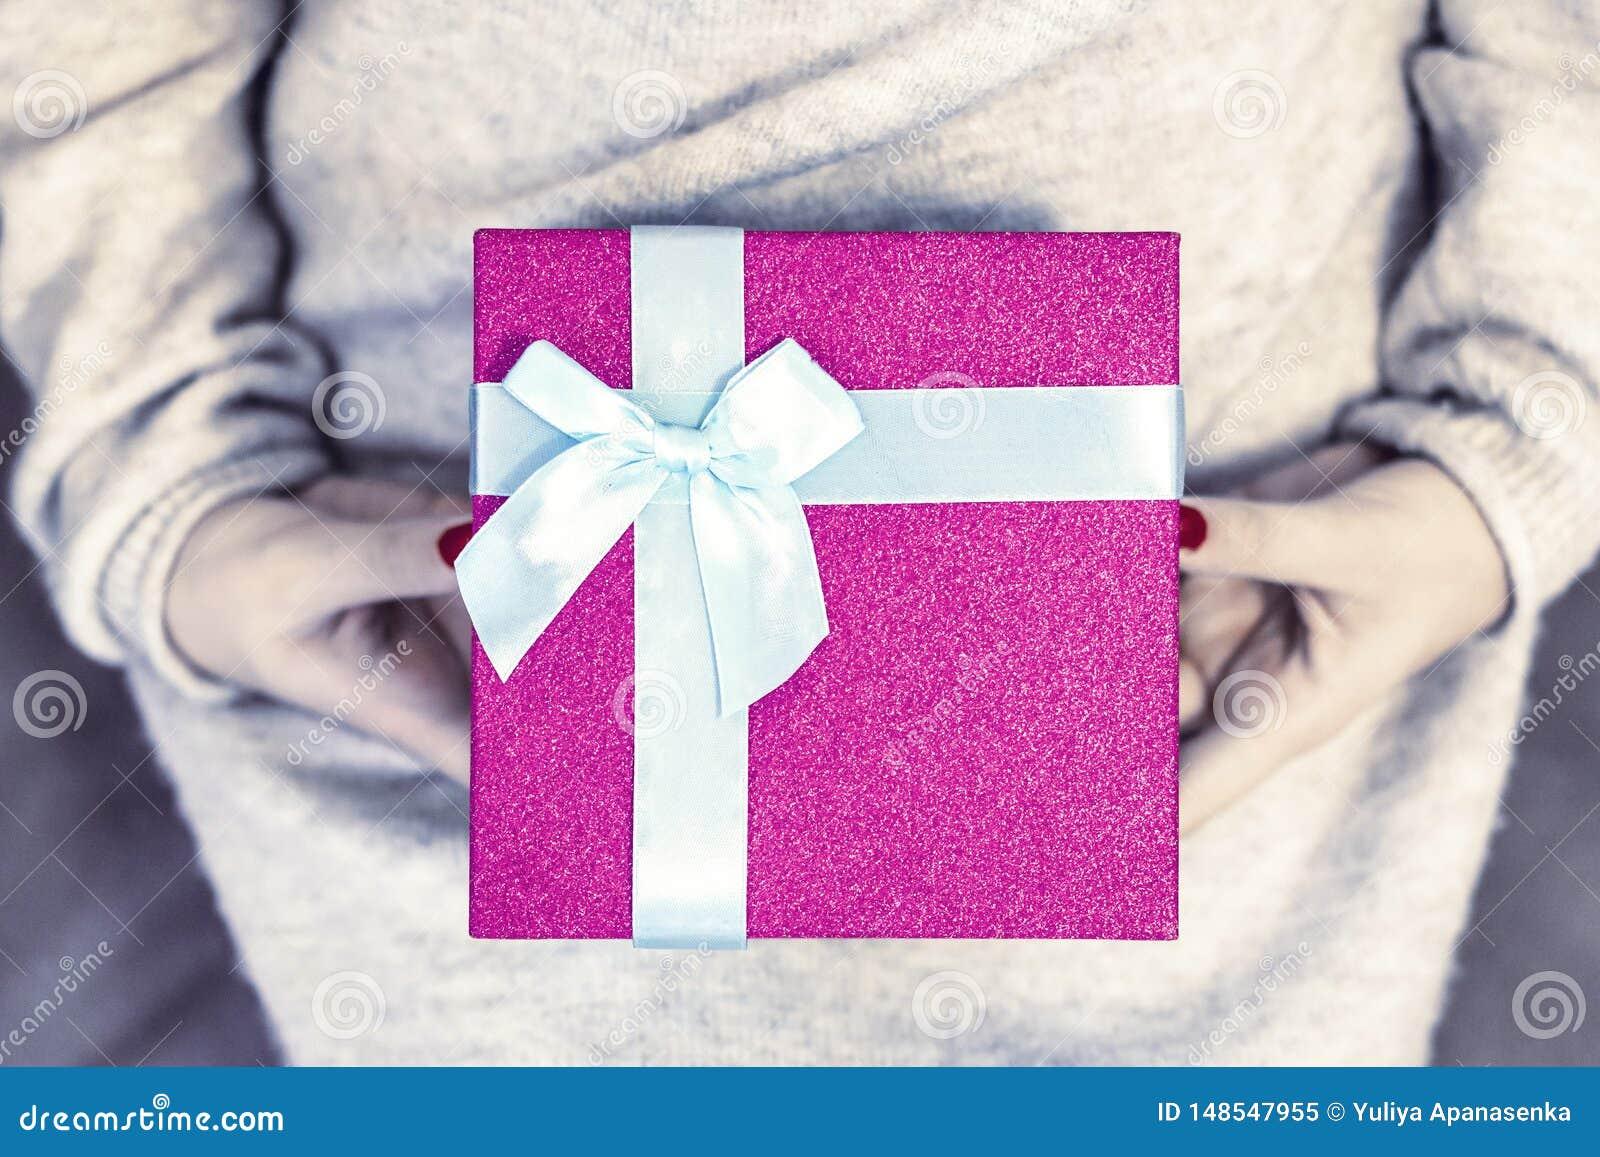 Manos humanas que sostienen un regalo